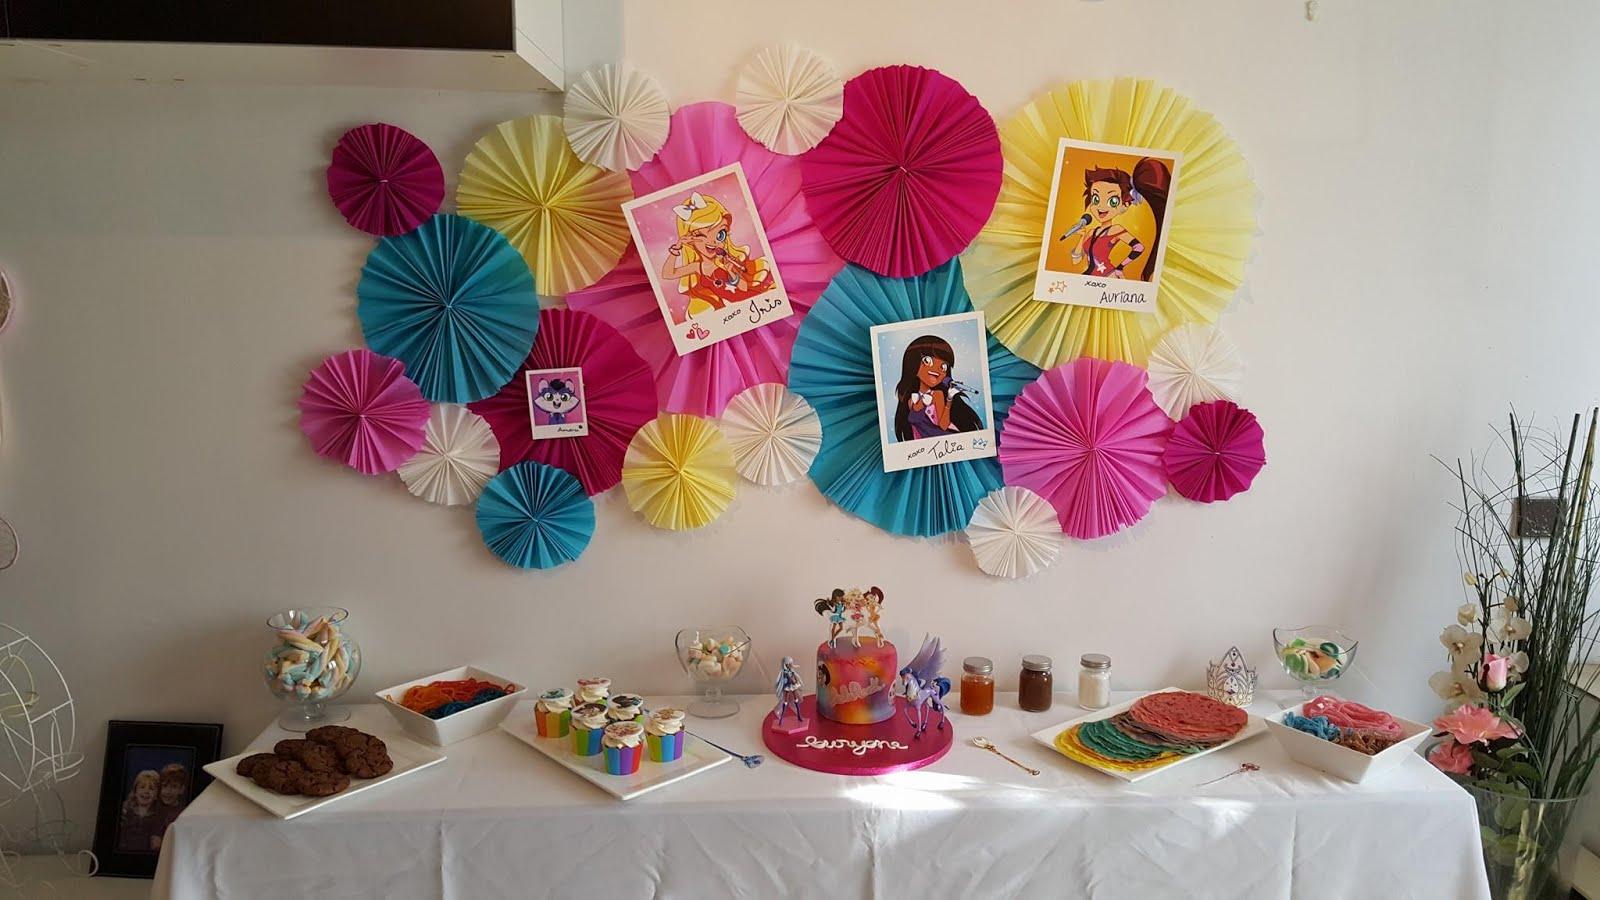 Lauryeva l 39 anniversaire de ma fille partie 1 sweet table avec ses copains copines sur le - Theme anniversaire 1 an fille ...